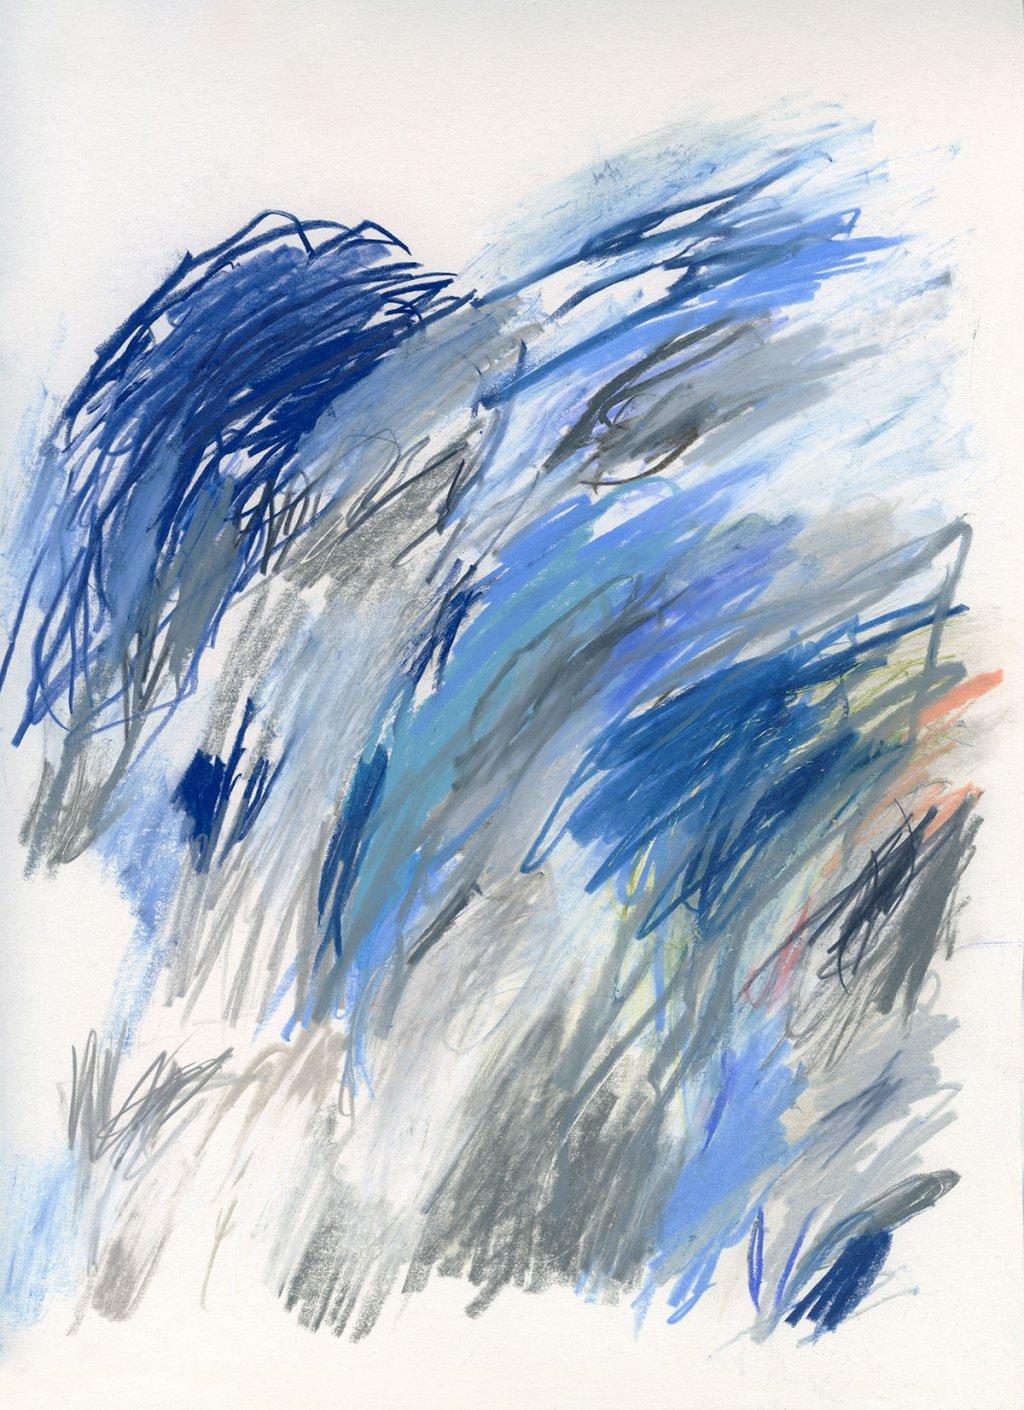 scrawl-blue-peach001-cover